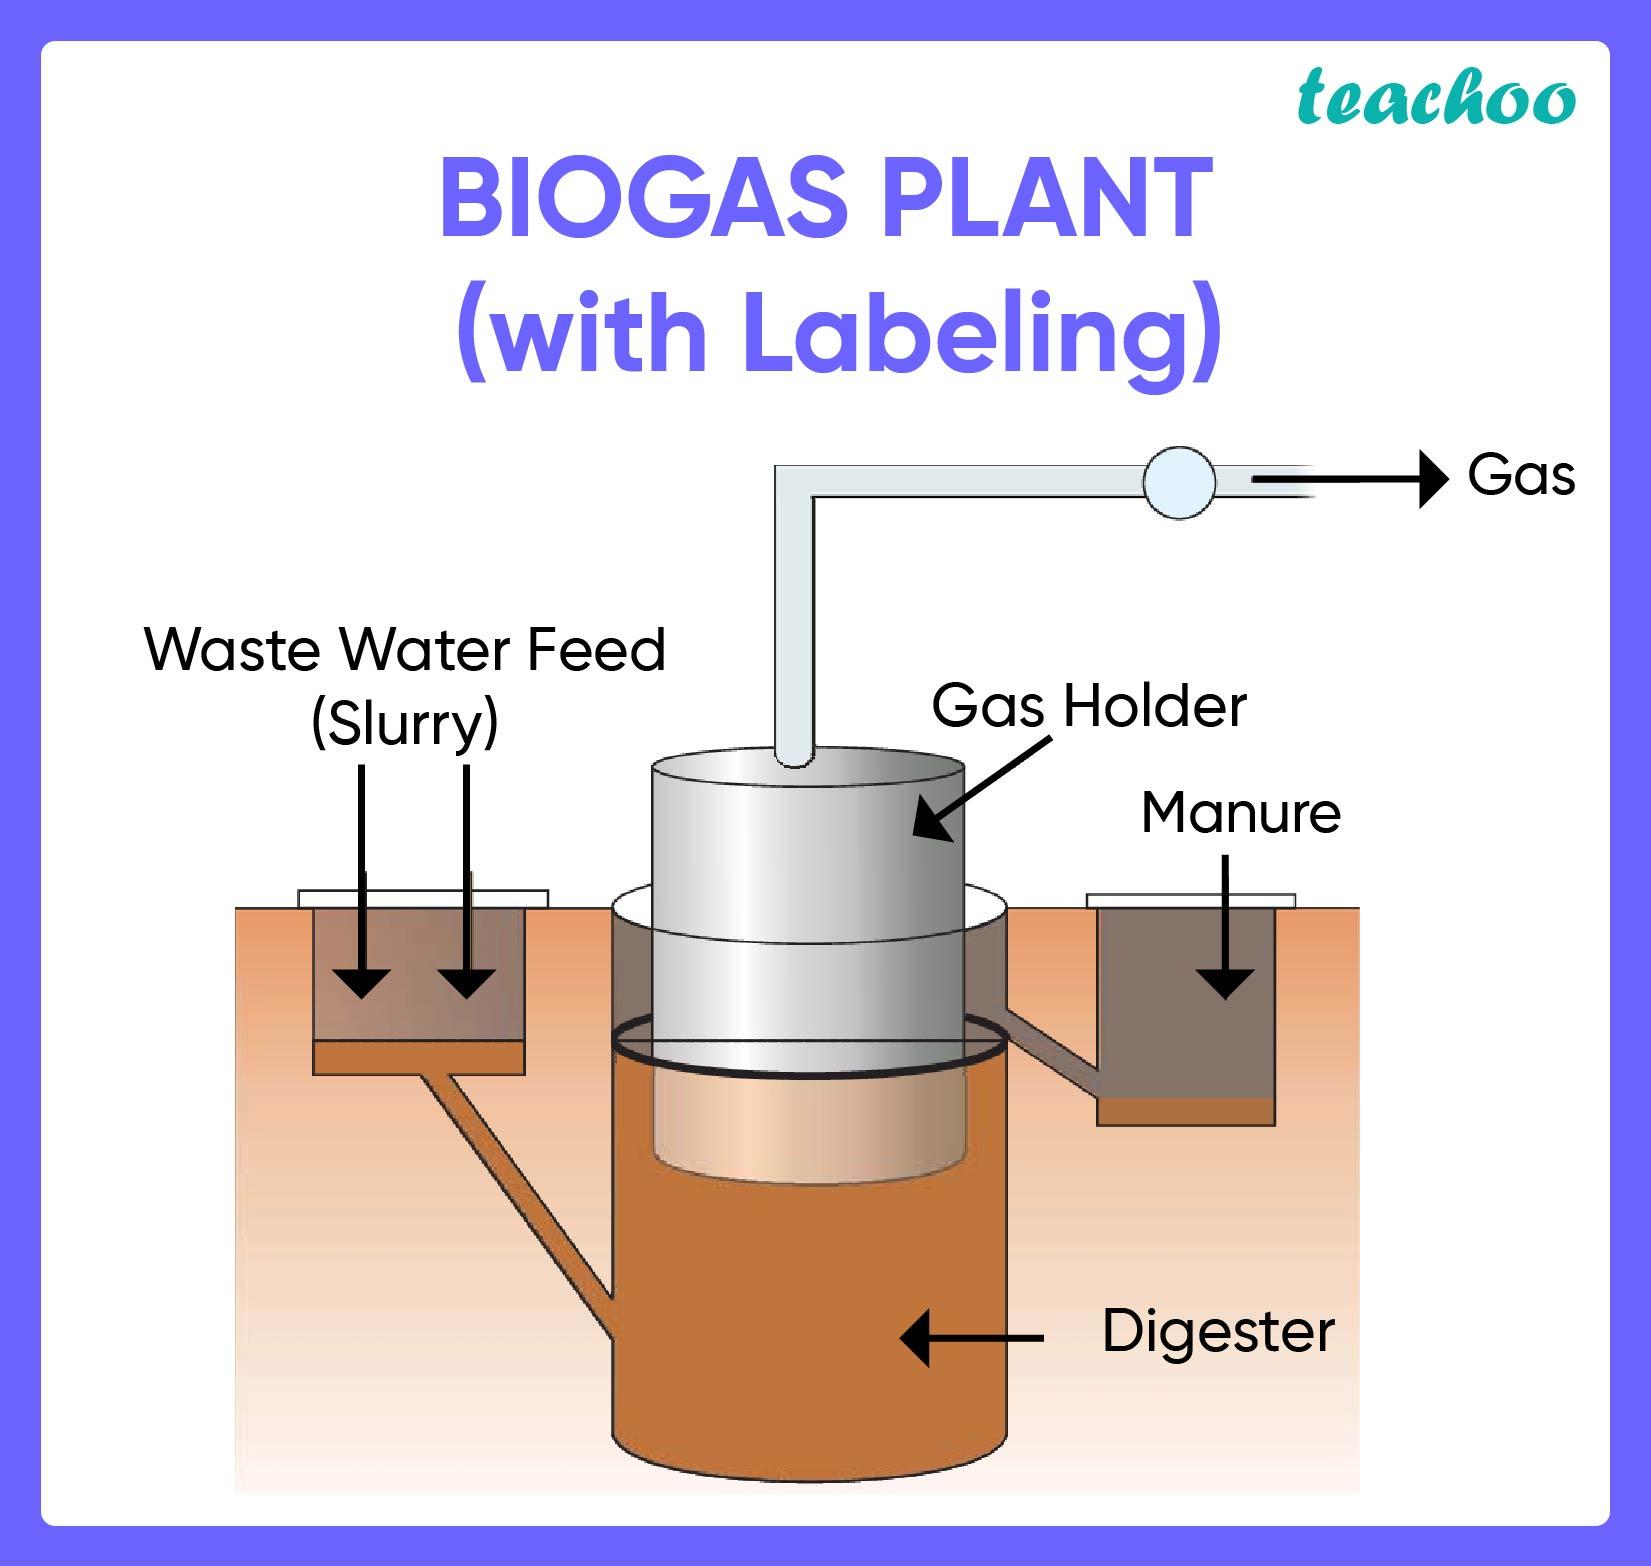 Biogas Plant-Techoo-01.jpg